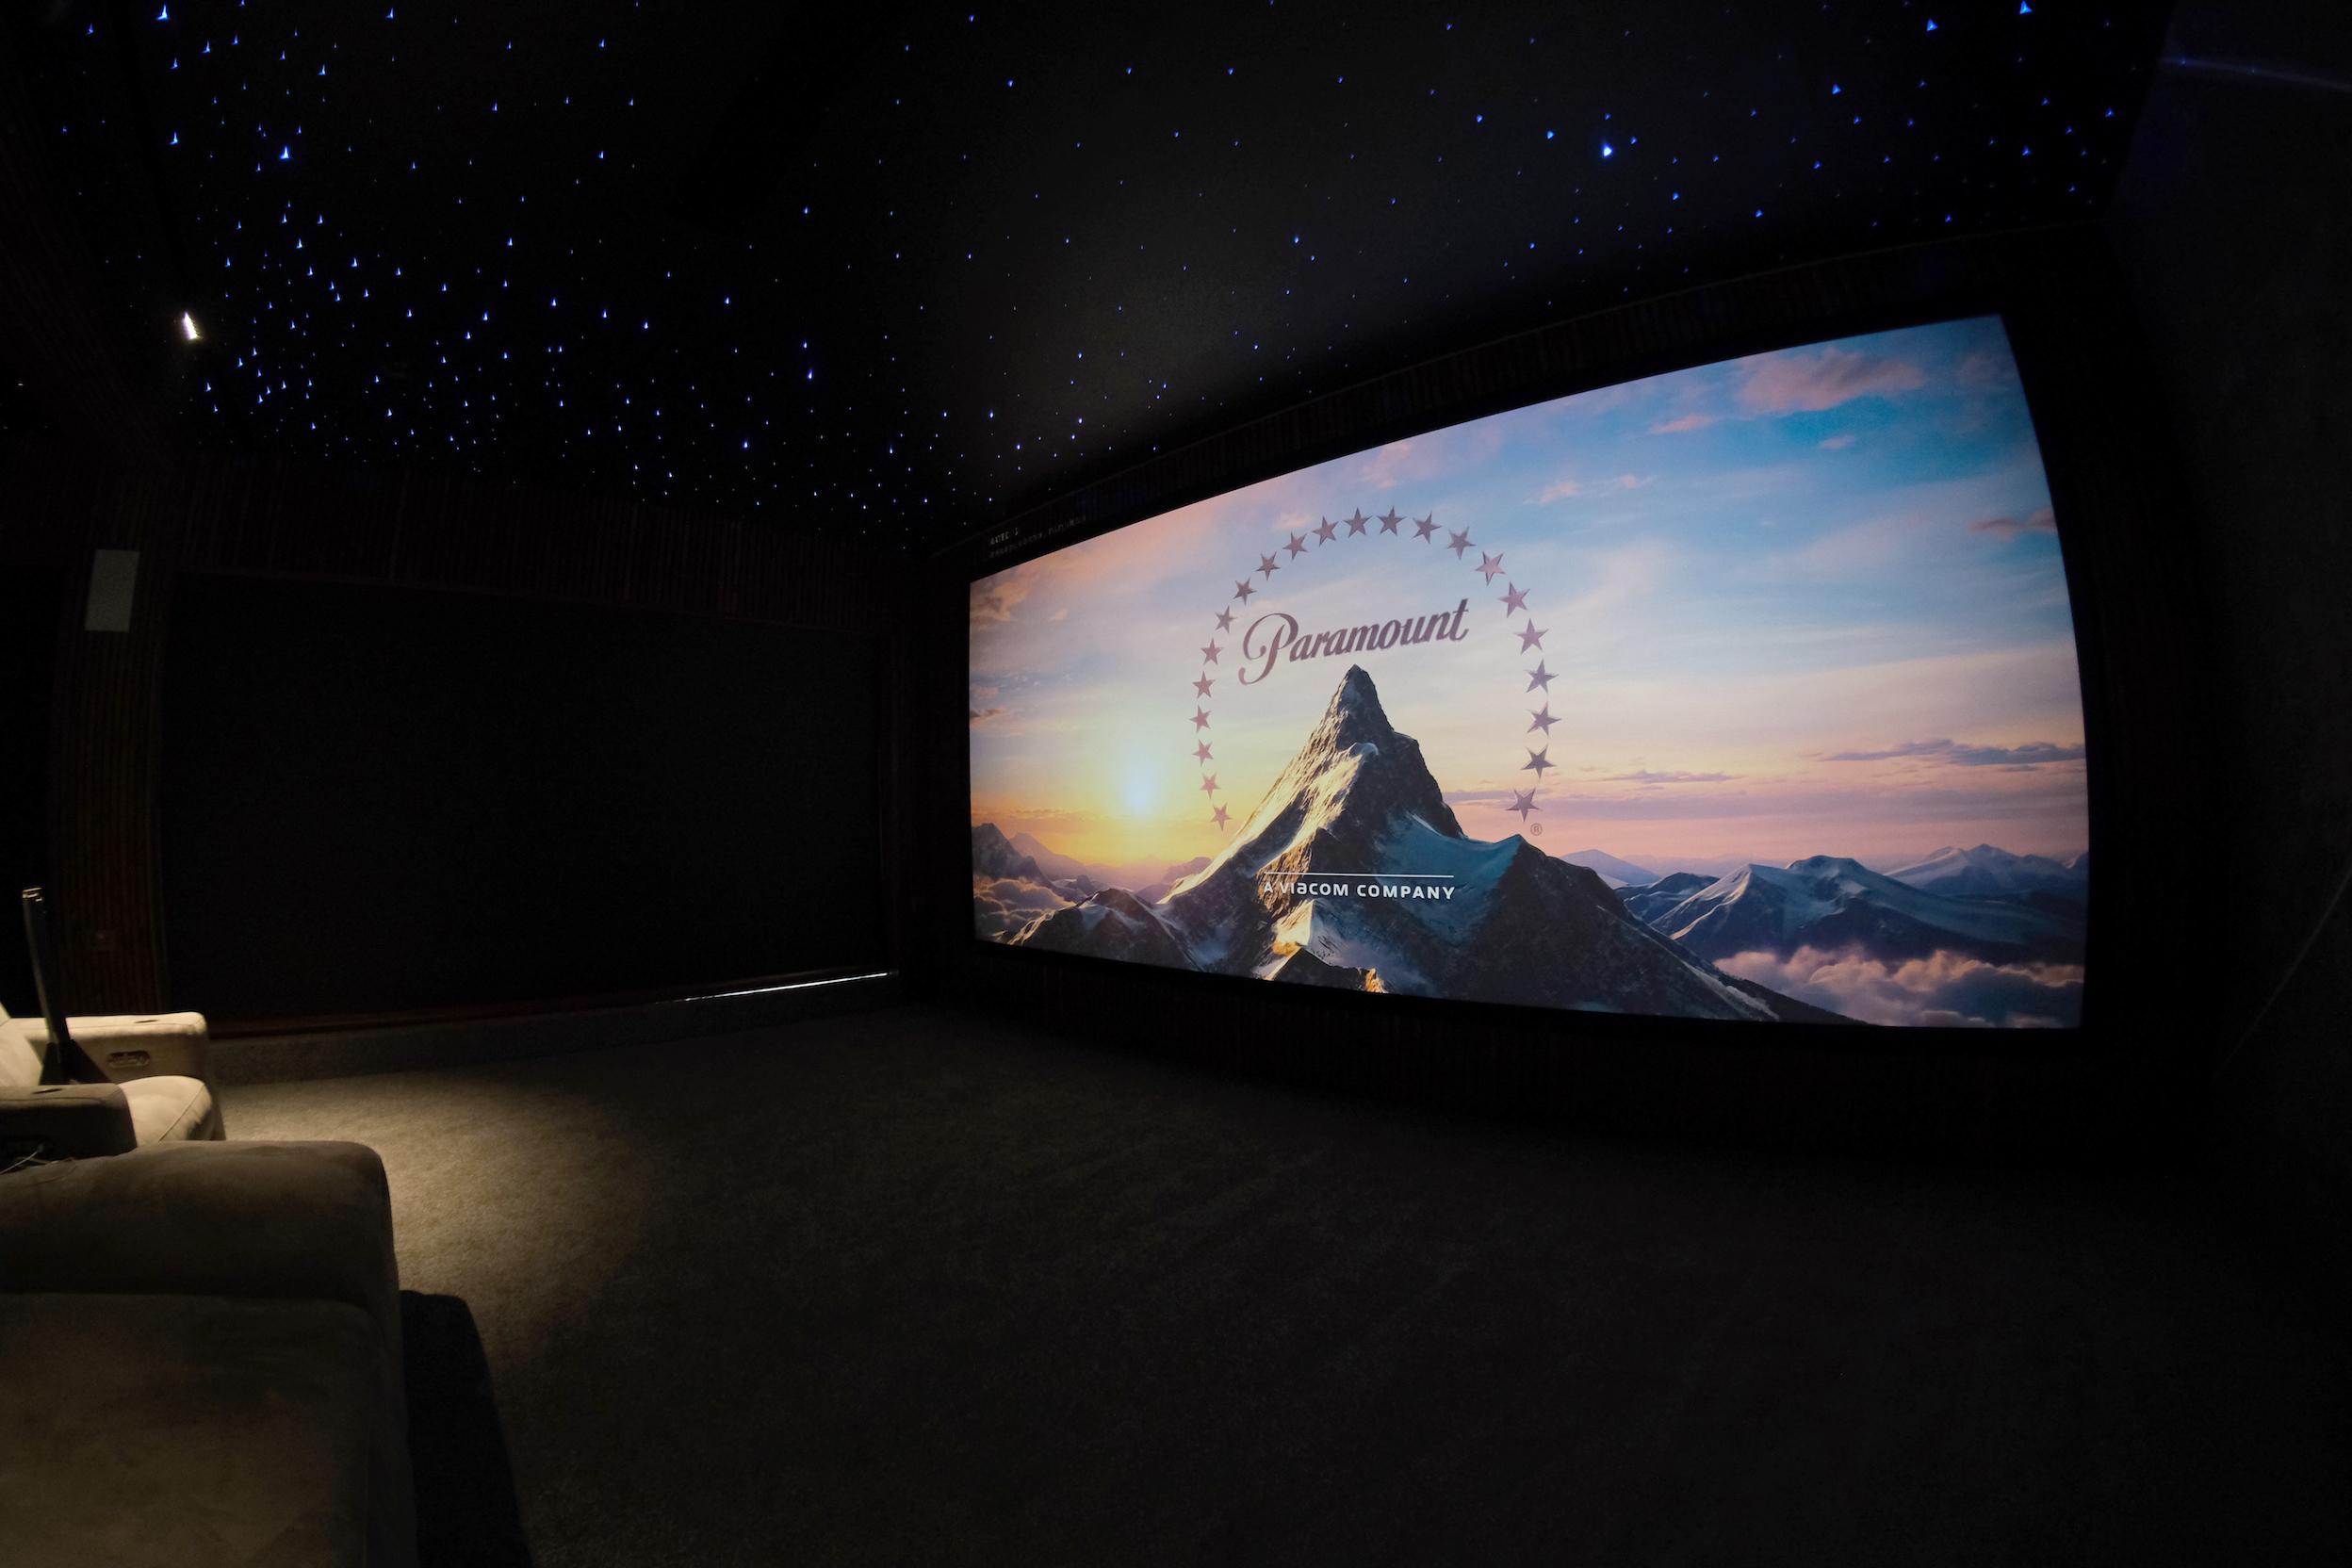 Luxurious Family Cinema See-AV